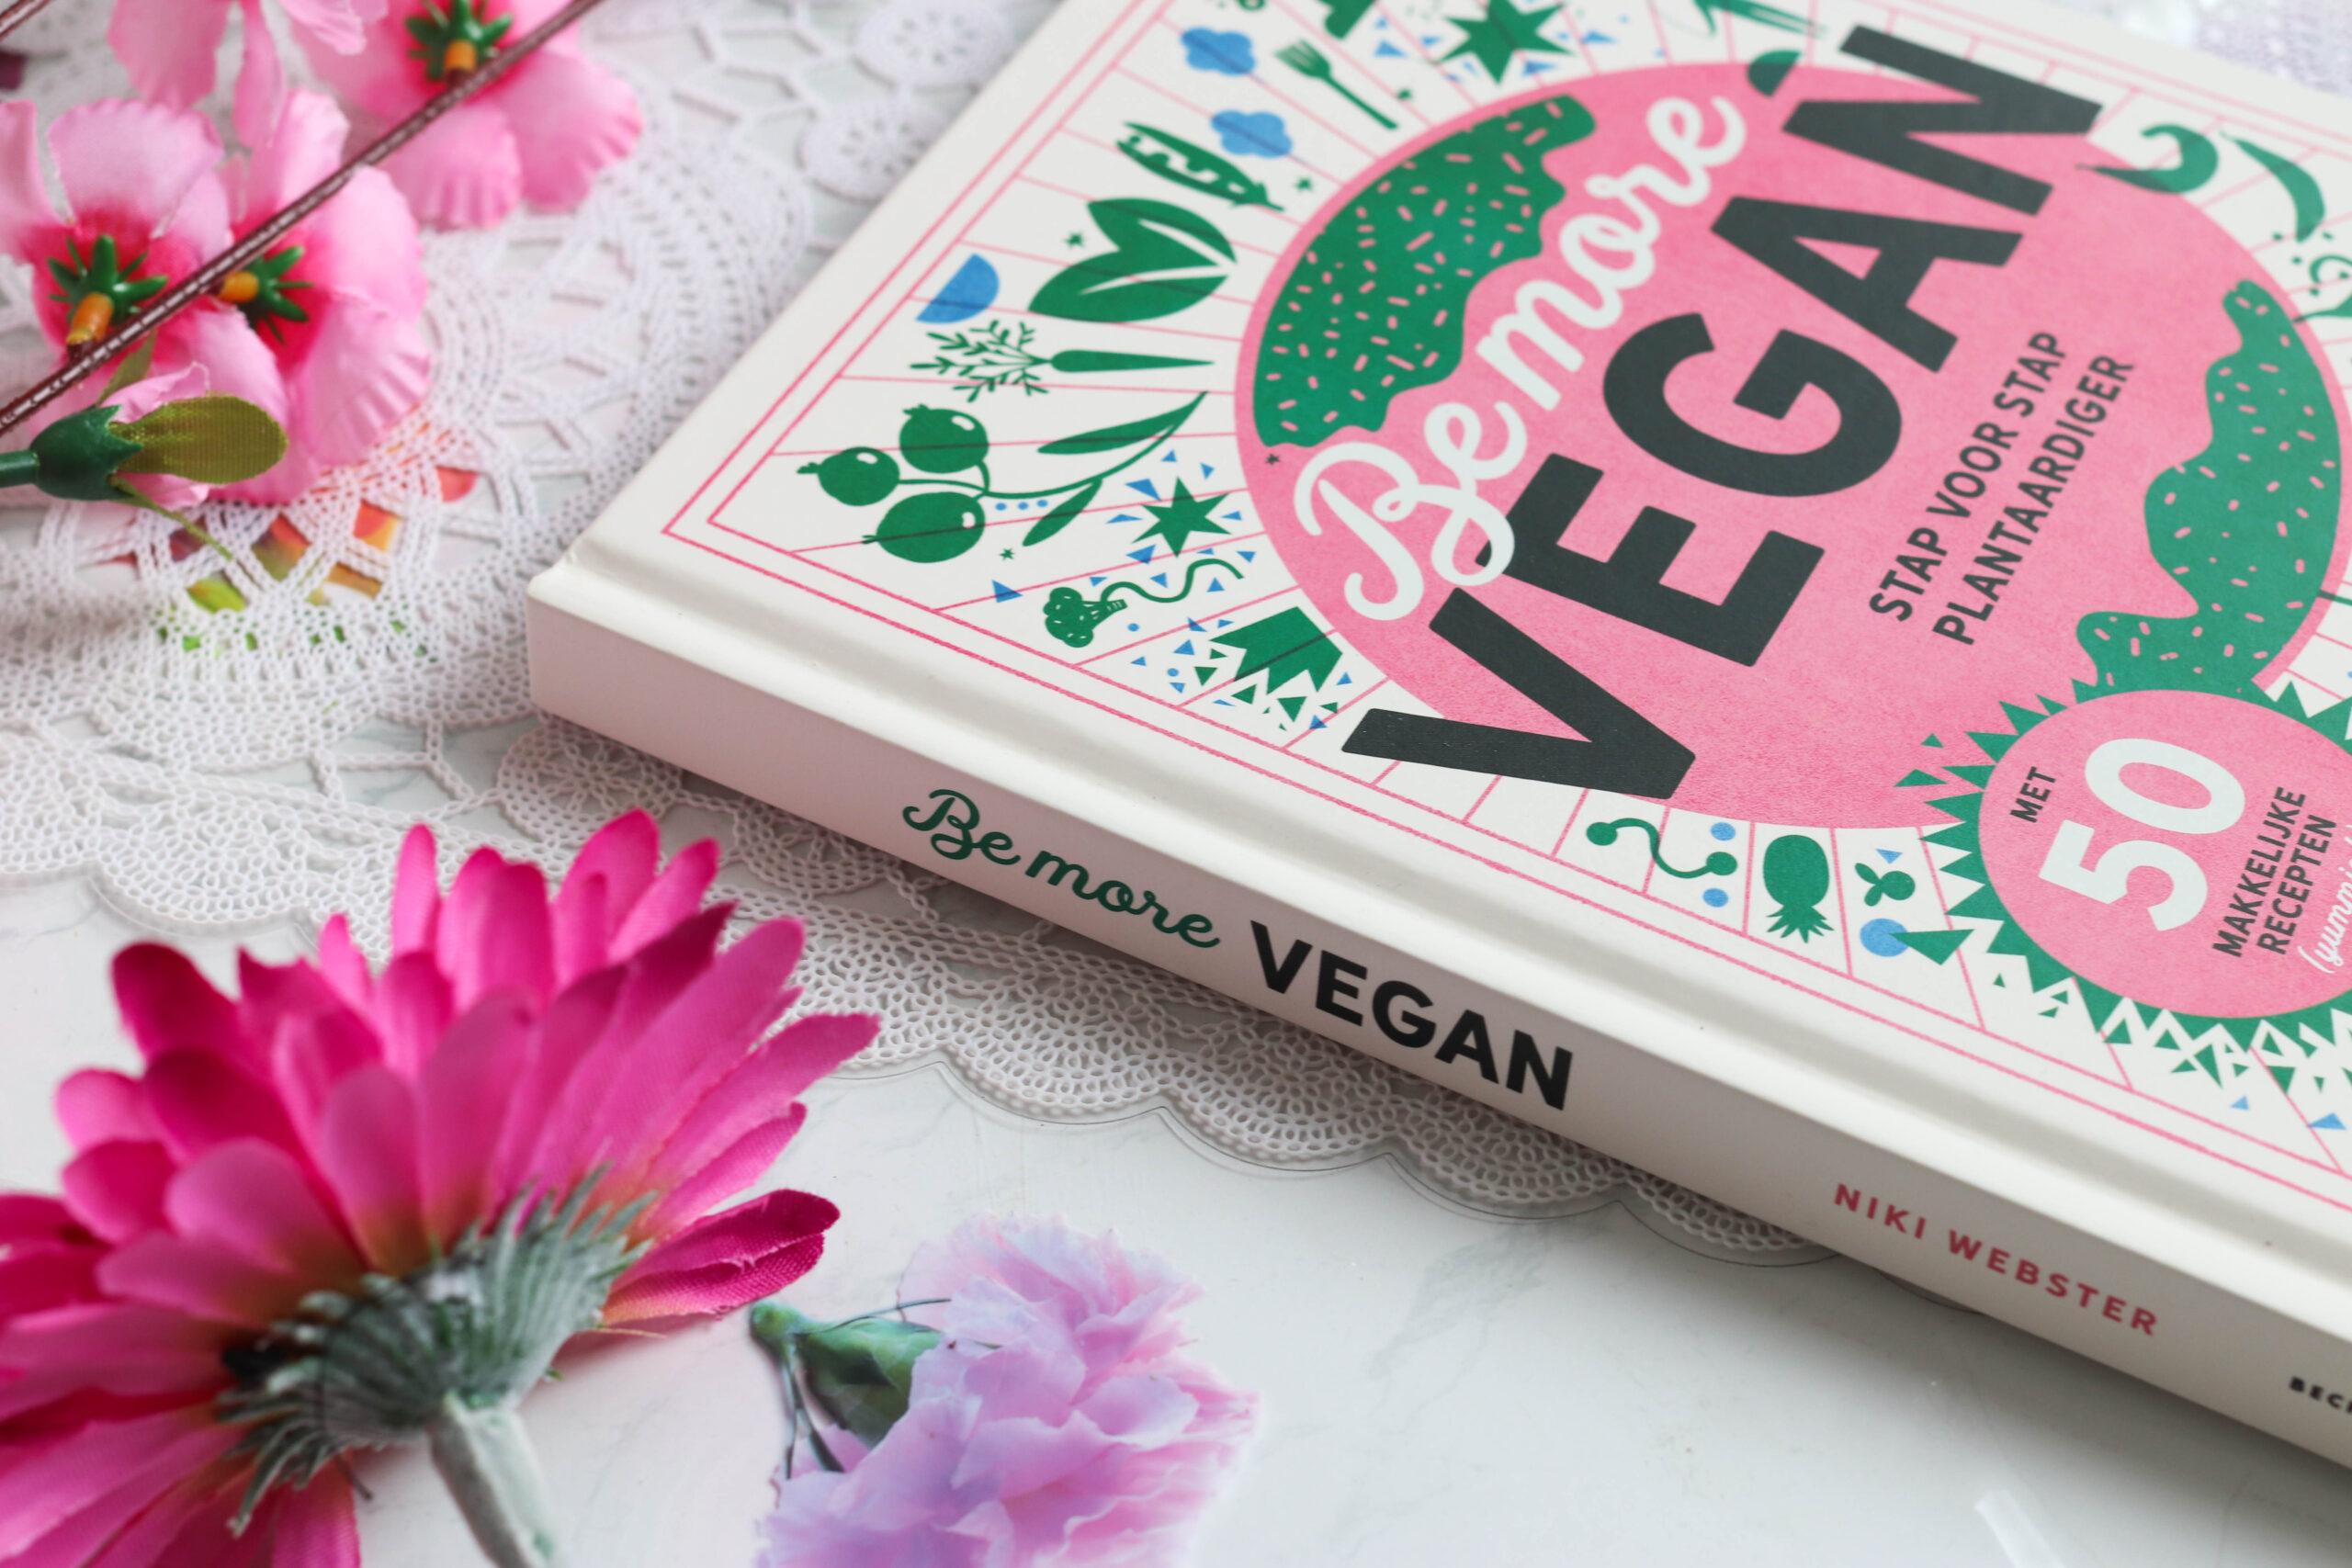 Recensie Be more vegan